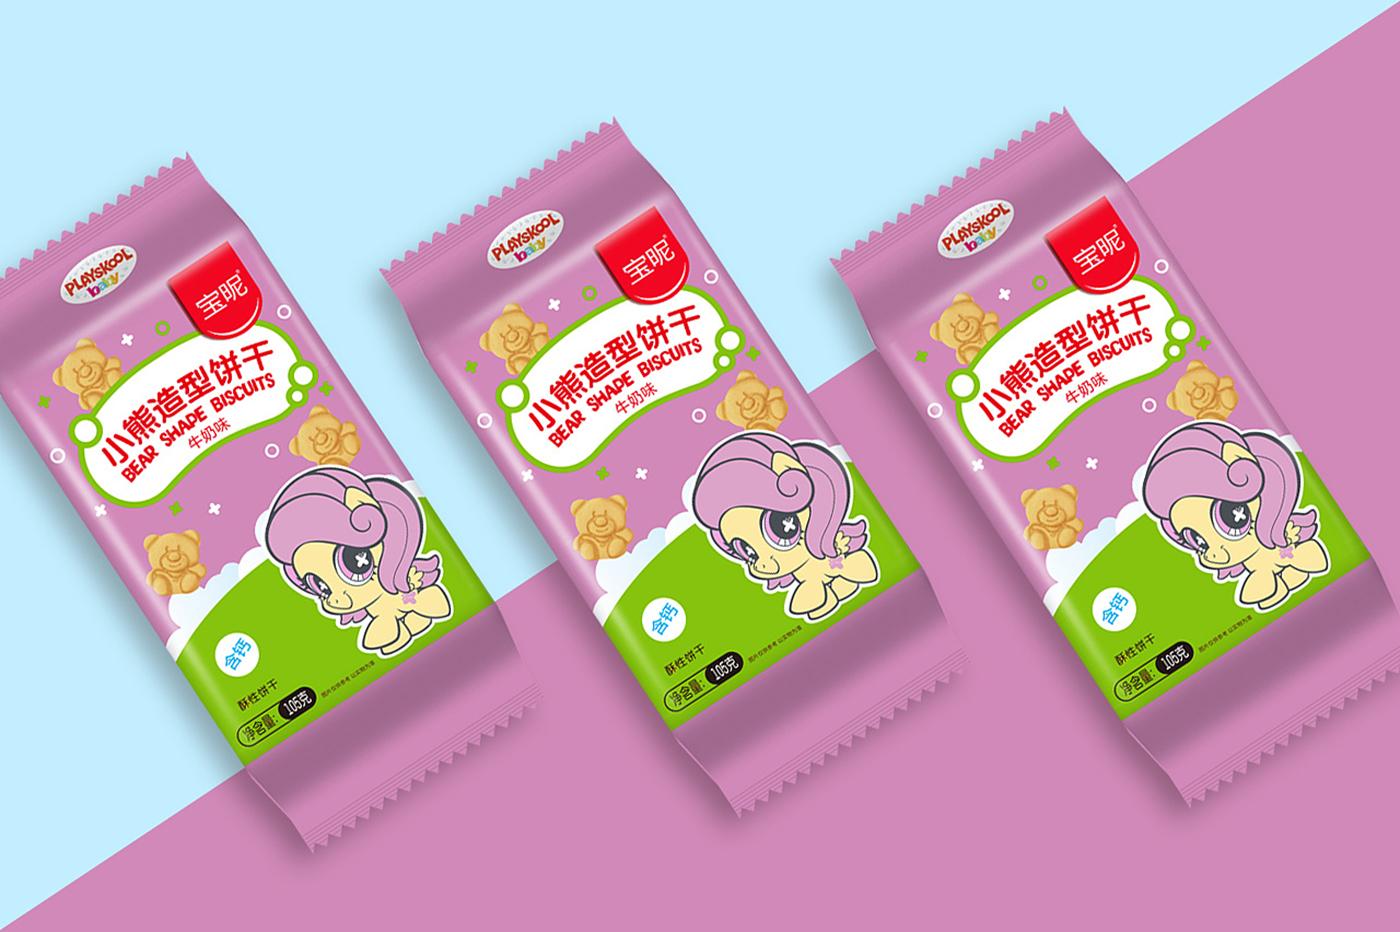 宝昵儿童饼干包装设计图3